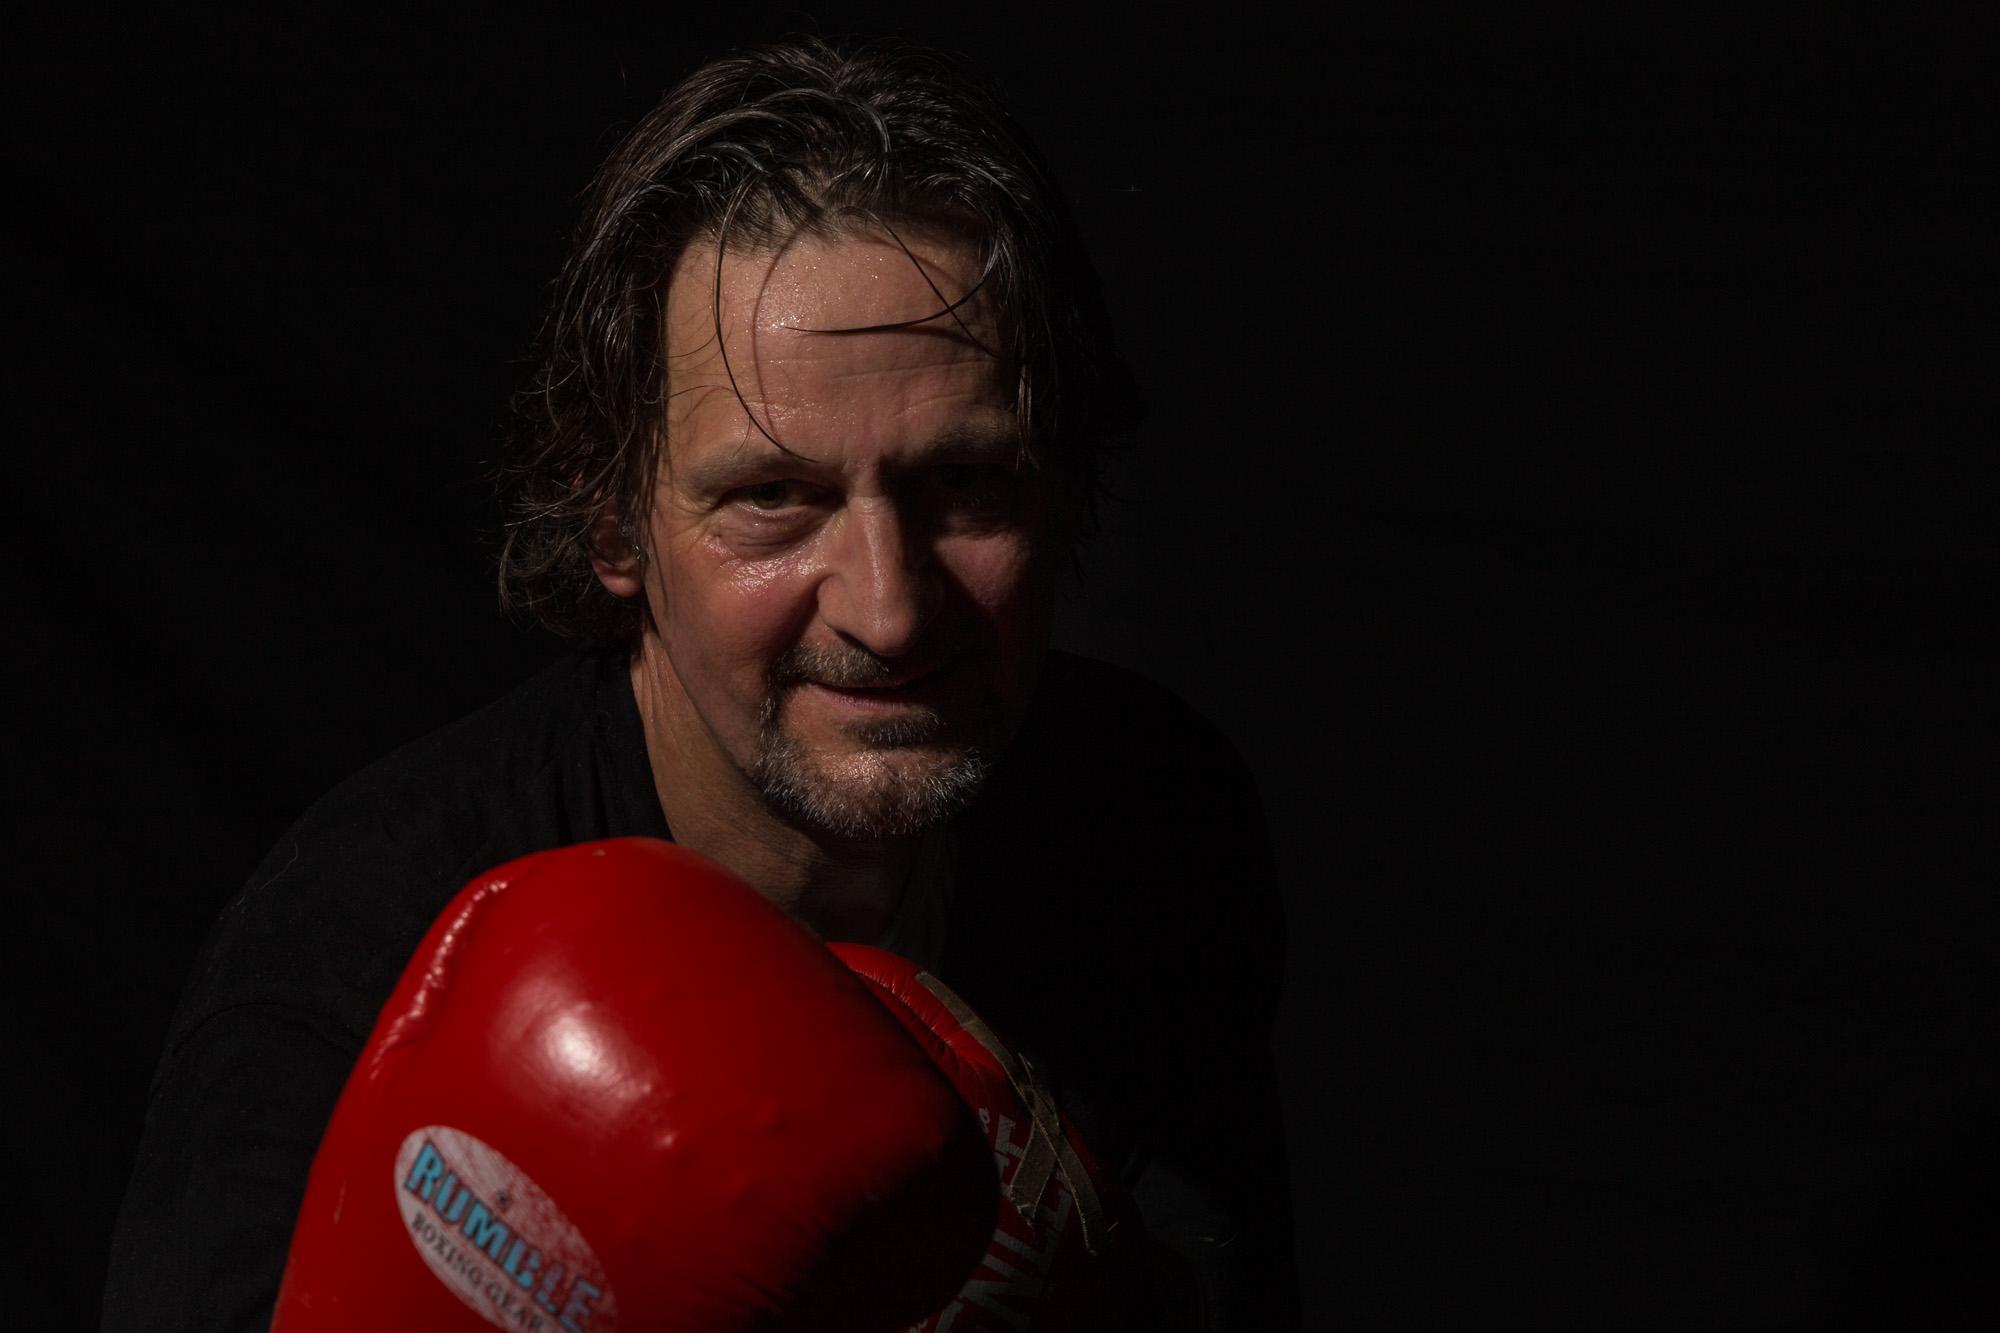 portret van bokser man door mayrafotografie voor branding